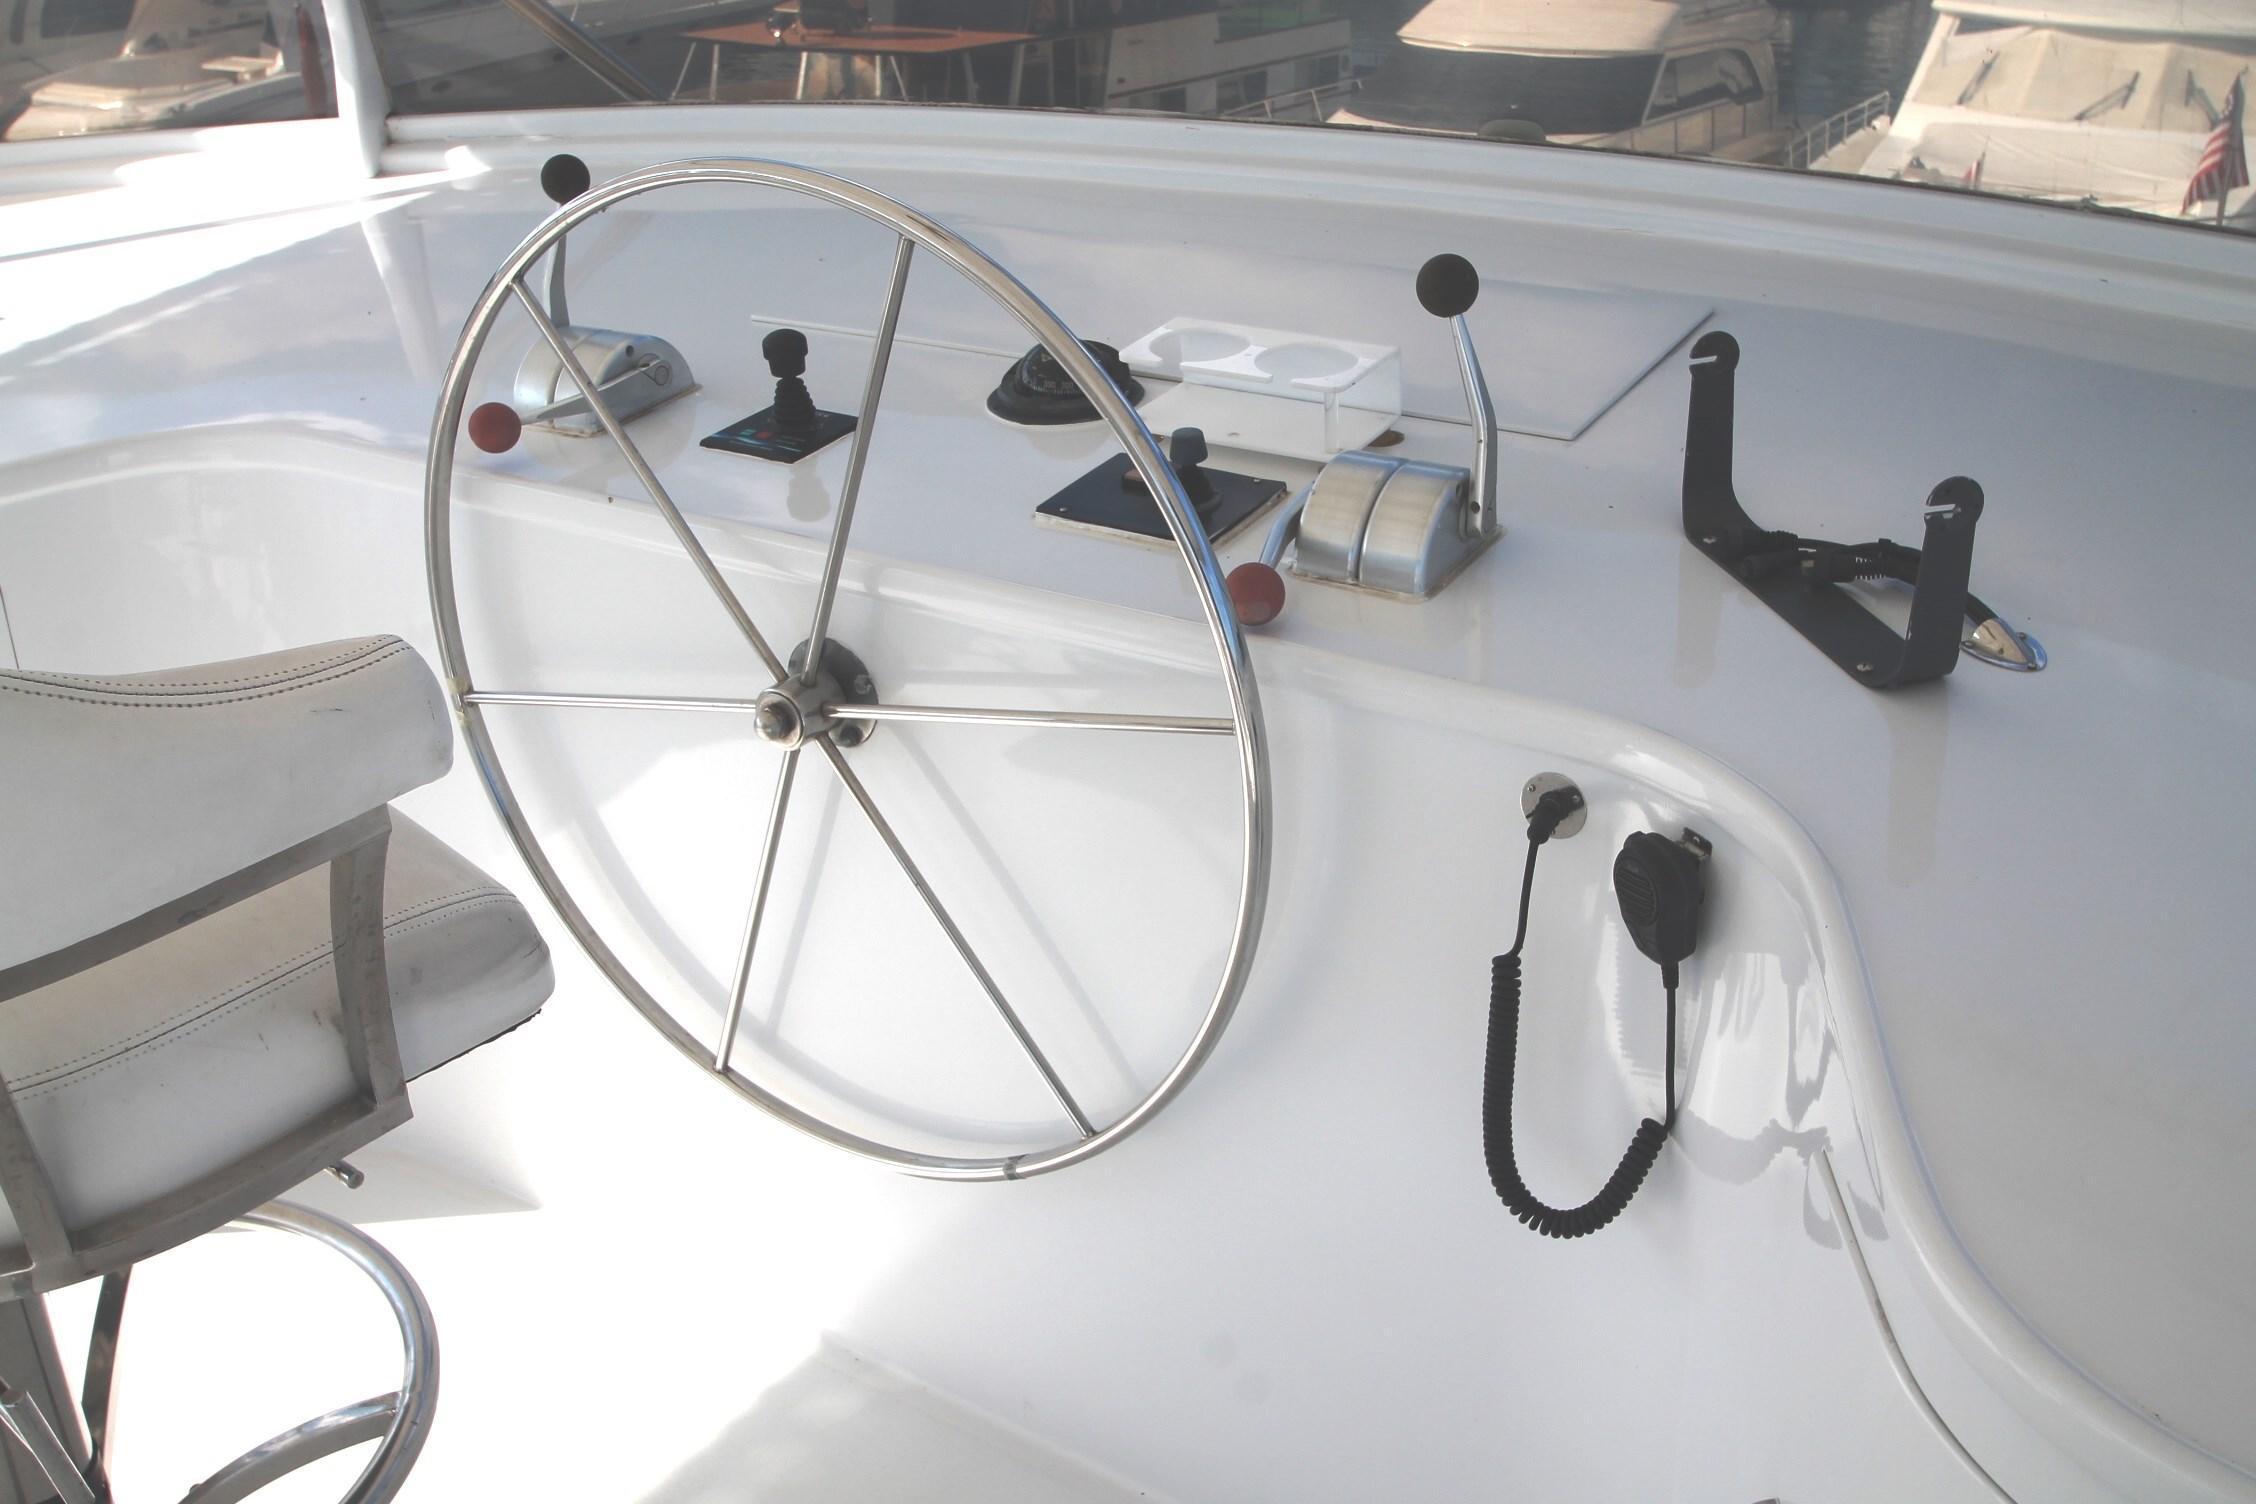 Bridge Helm--Instrument Cluster Closed